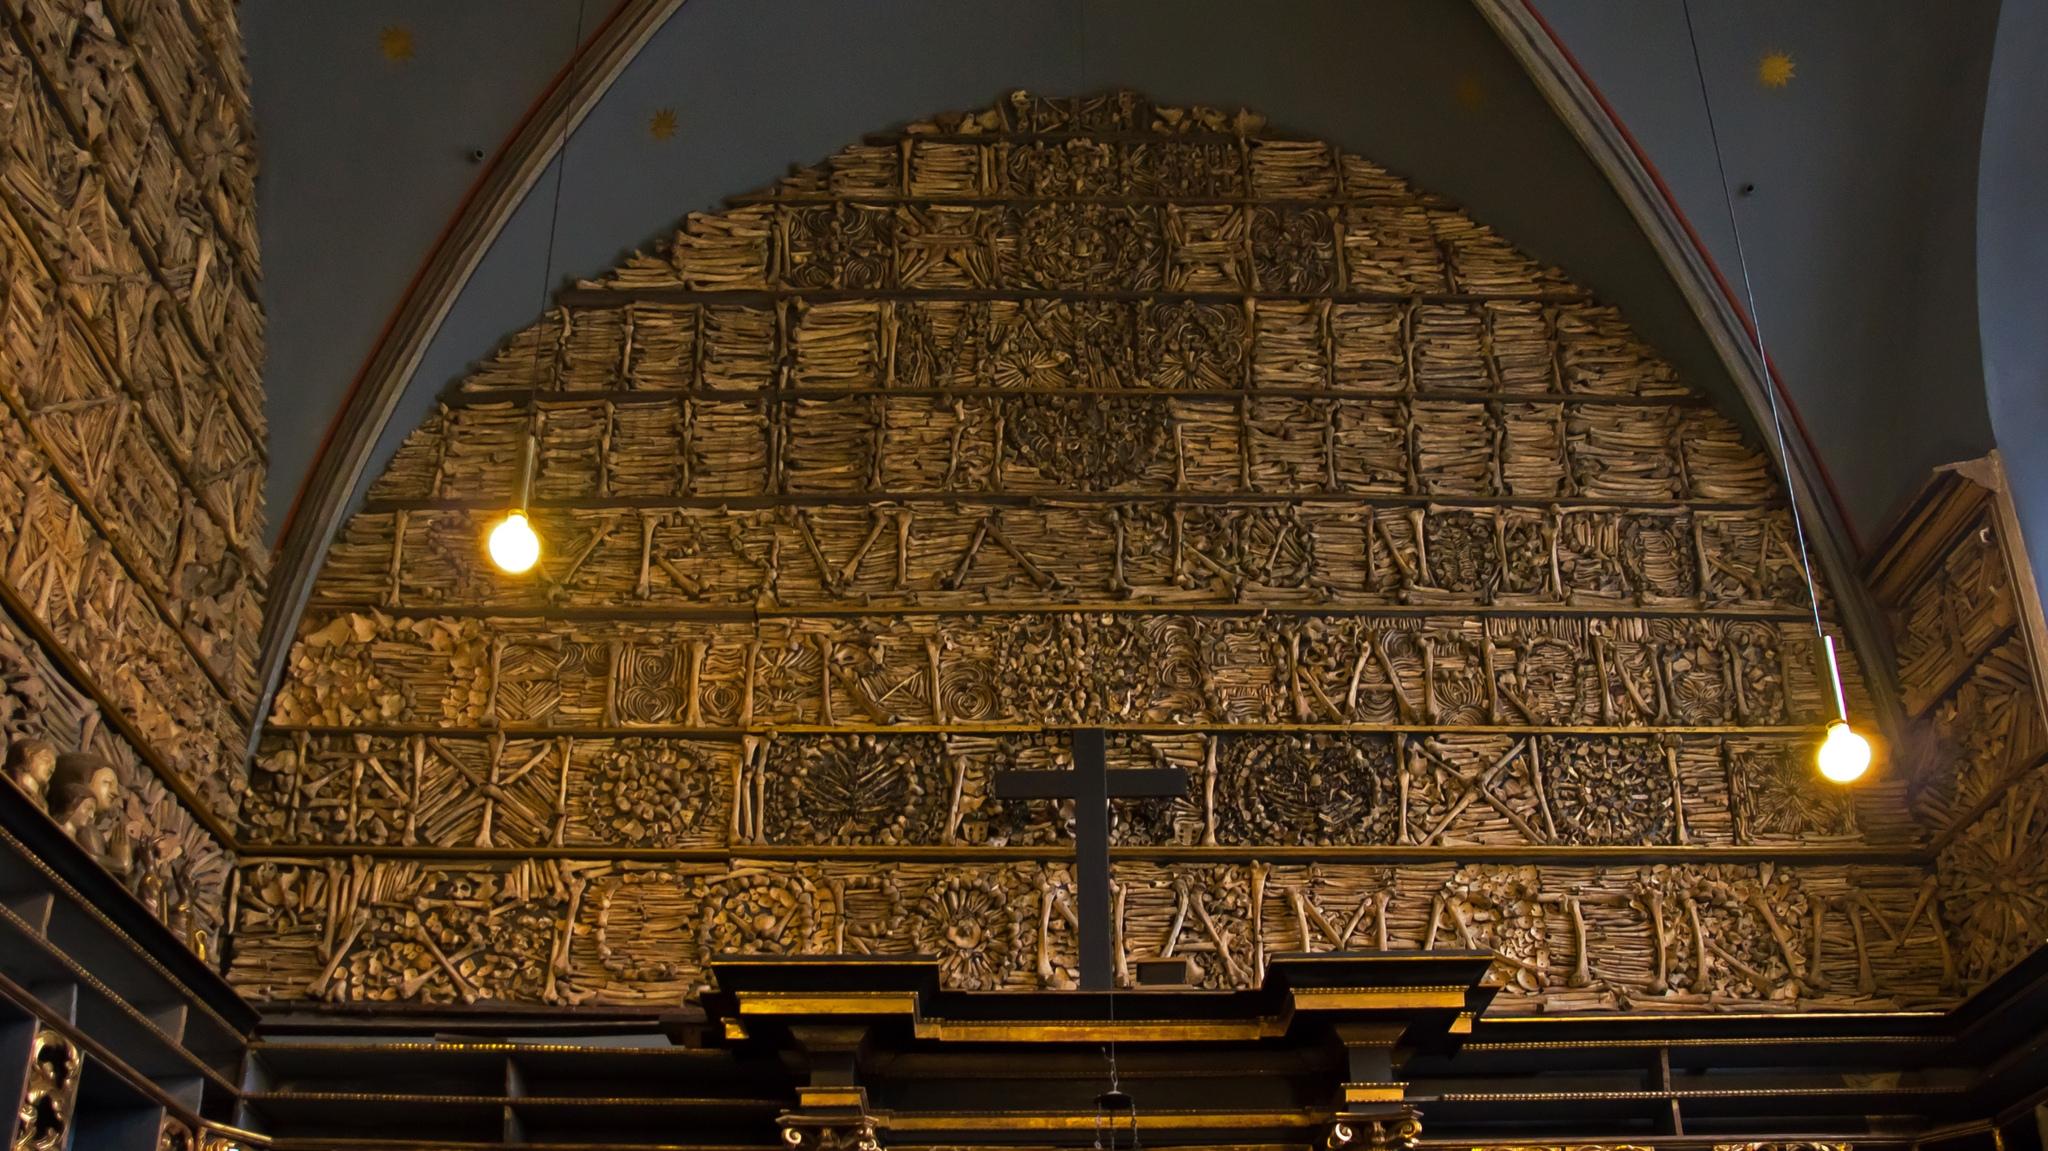 basilica-of-st-ursula-original-27296